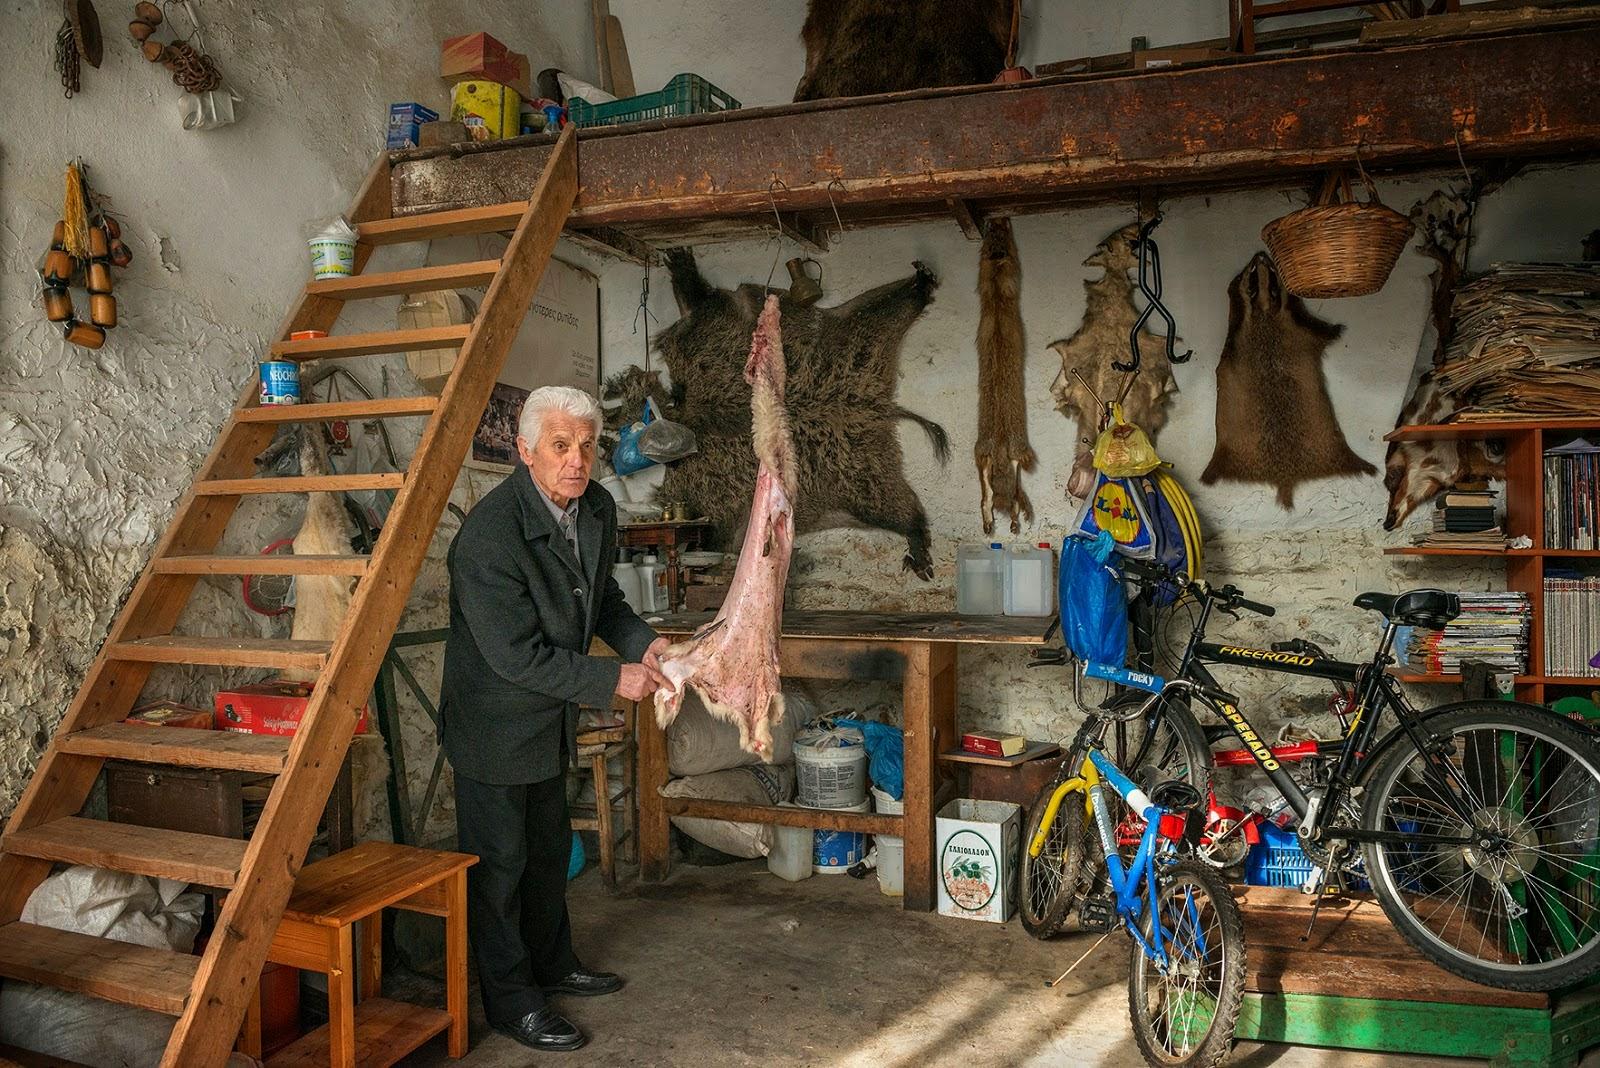 Aναμνήσεις ενός τεχνικού ακατέργαστων δερμάτων - Τι έγινε όταν ήρθαν οι φάρμες στην Καστοριά και την Σιάτιστα